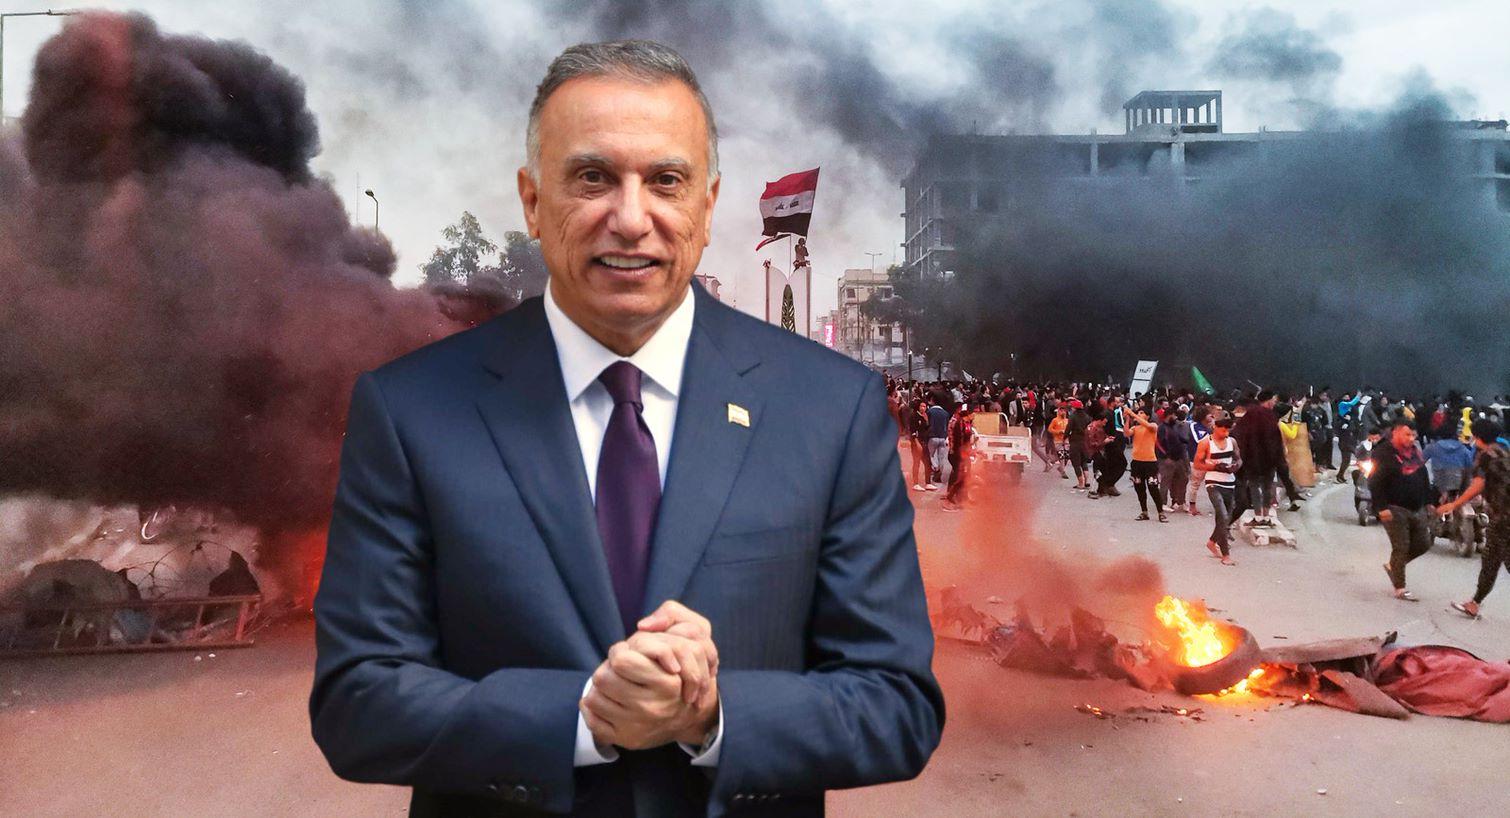 صورة الكاظمي يدمج اللجان التي شكلها للتحقيق بقتل المتظاهرين بميليشيا واحدة محترمة